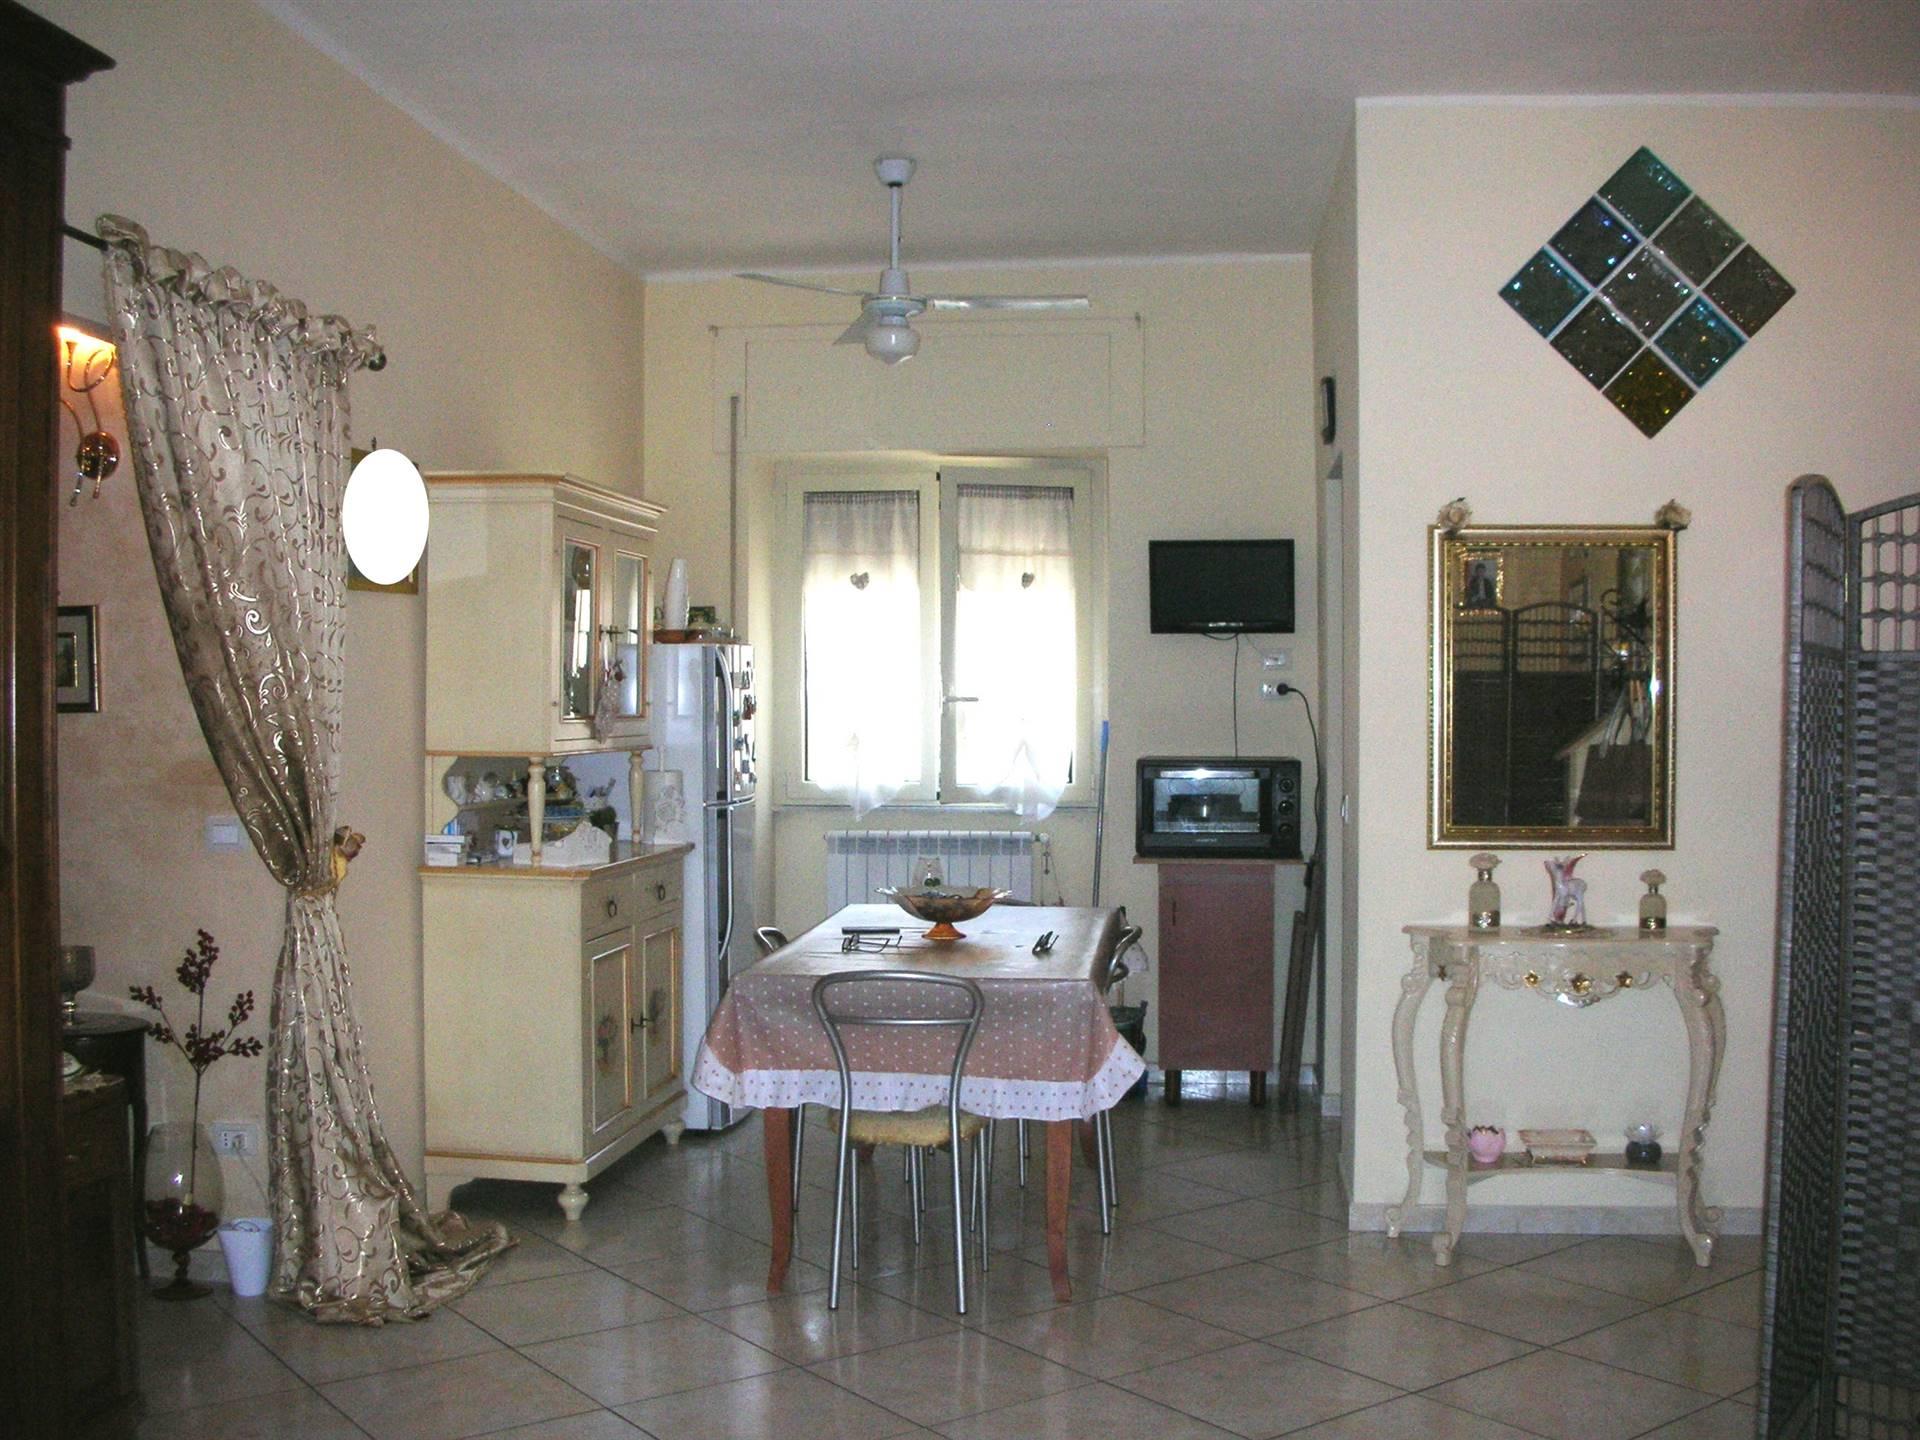 In Viale I°Maggio proponiamo la vendita di un appartamento completamente ristrutturato posto a piano rialzato di un condominio. L'appartamento si